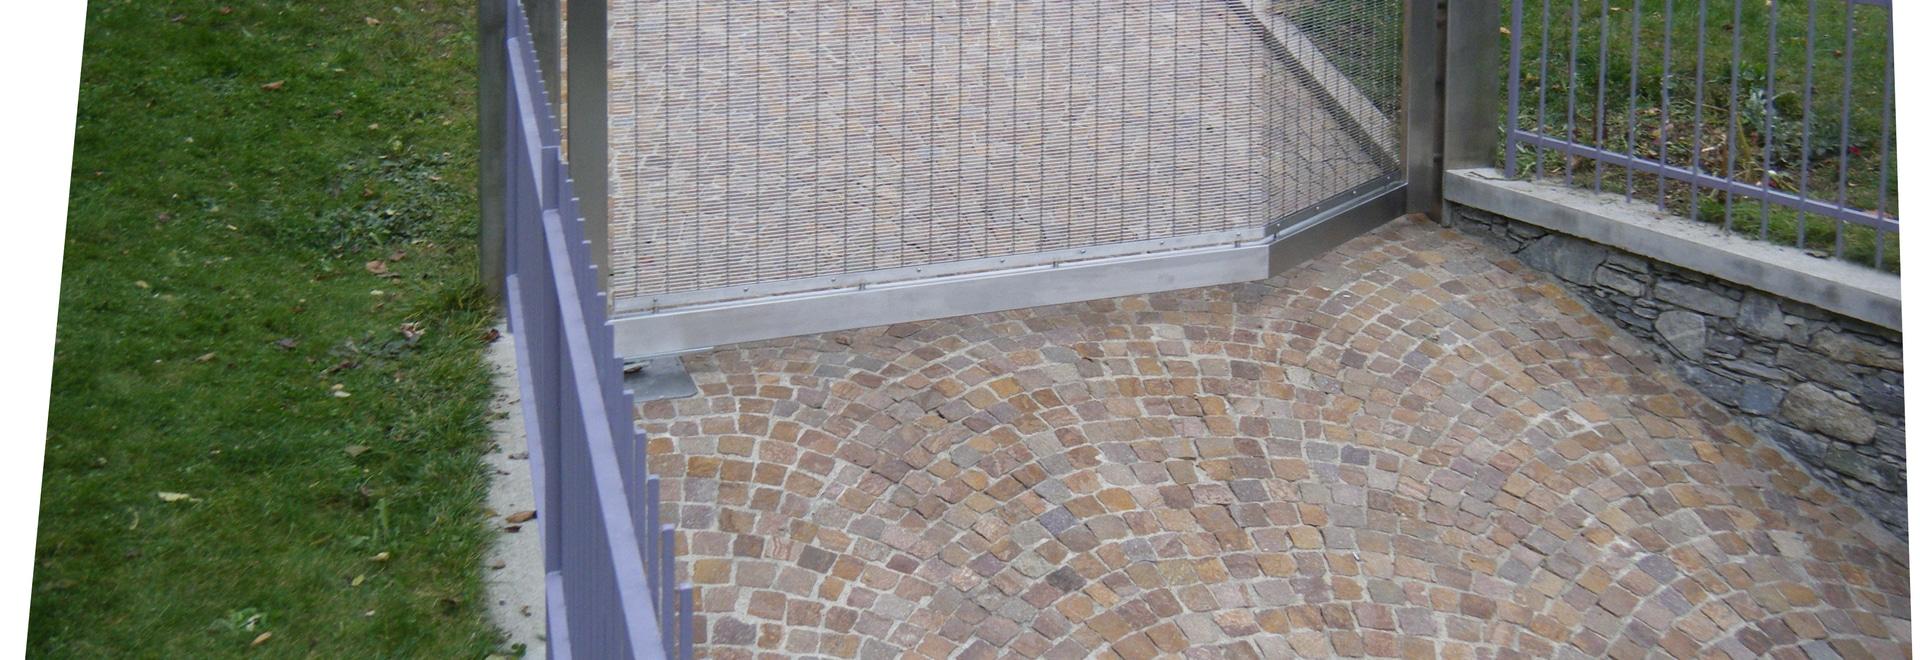 Puerta en la casa privada, Milán